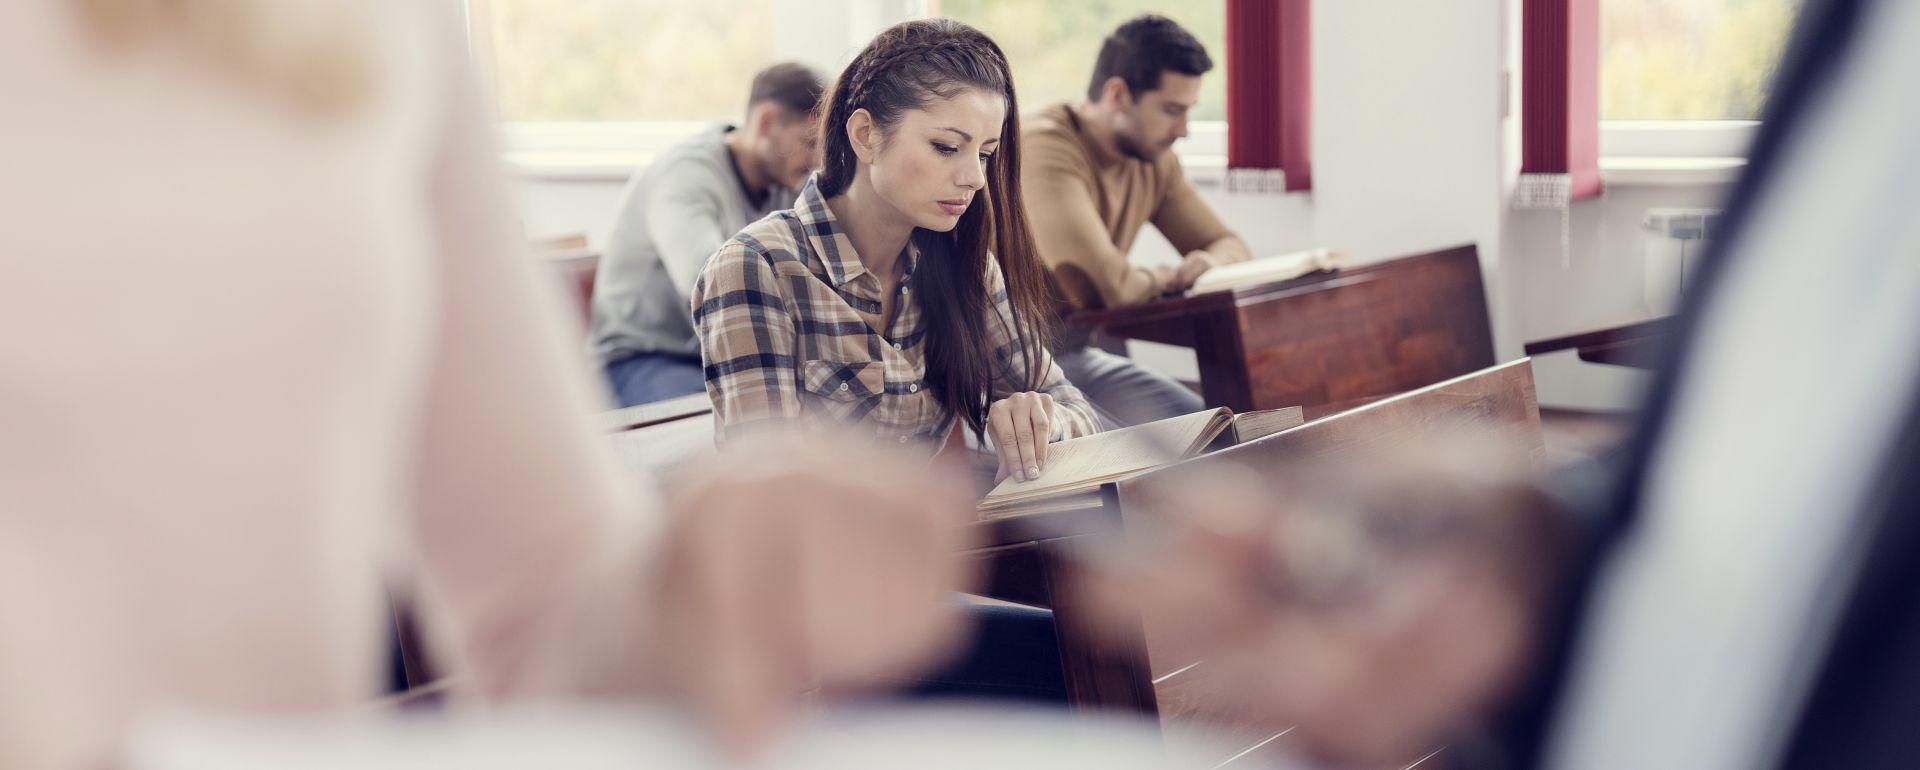 &#8216;Sport e scuola compagni di banco&#8217; 2016/17 <div class='giovanisi-subtitle'>Bando per giovani laureati per promuovere l&#039;educazione fisica nelle scuole primarie </div>